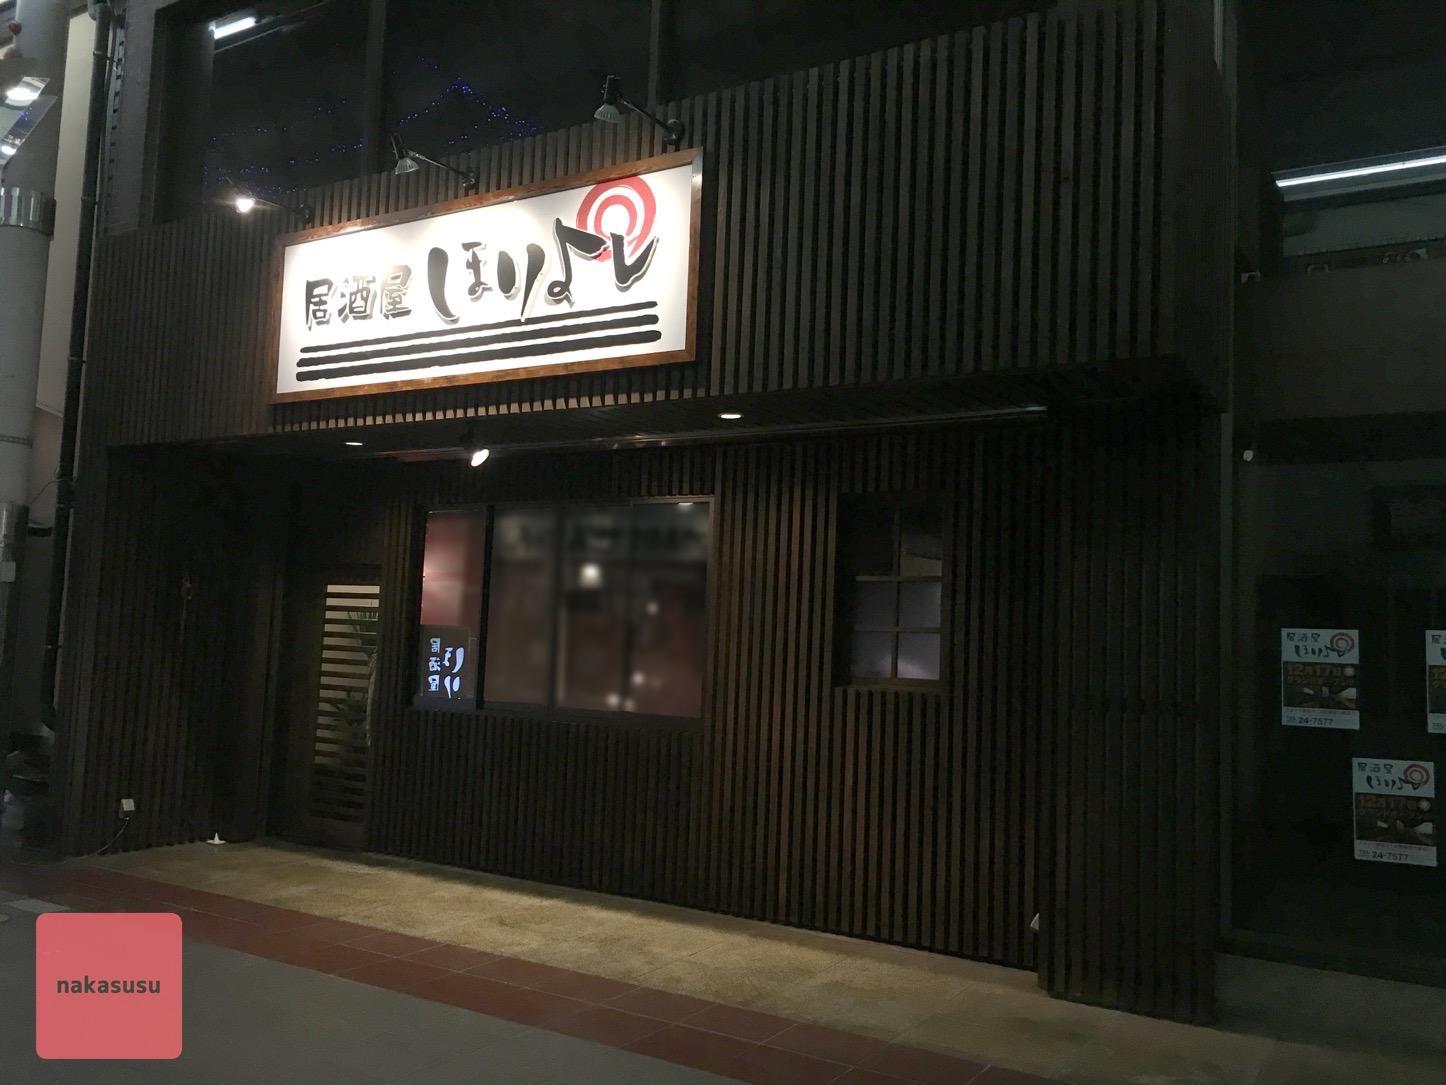 丸腸の唐揚げ!?「居酒屋 ほりよし」がオススメ!!!